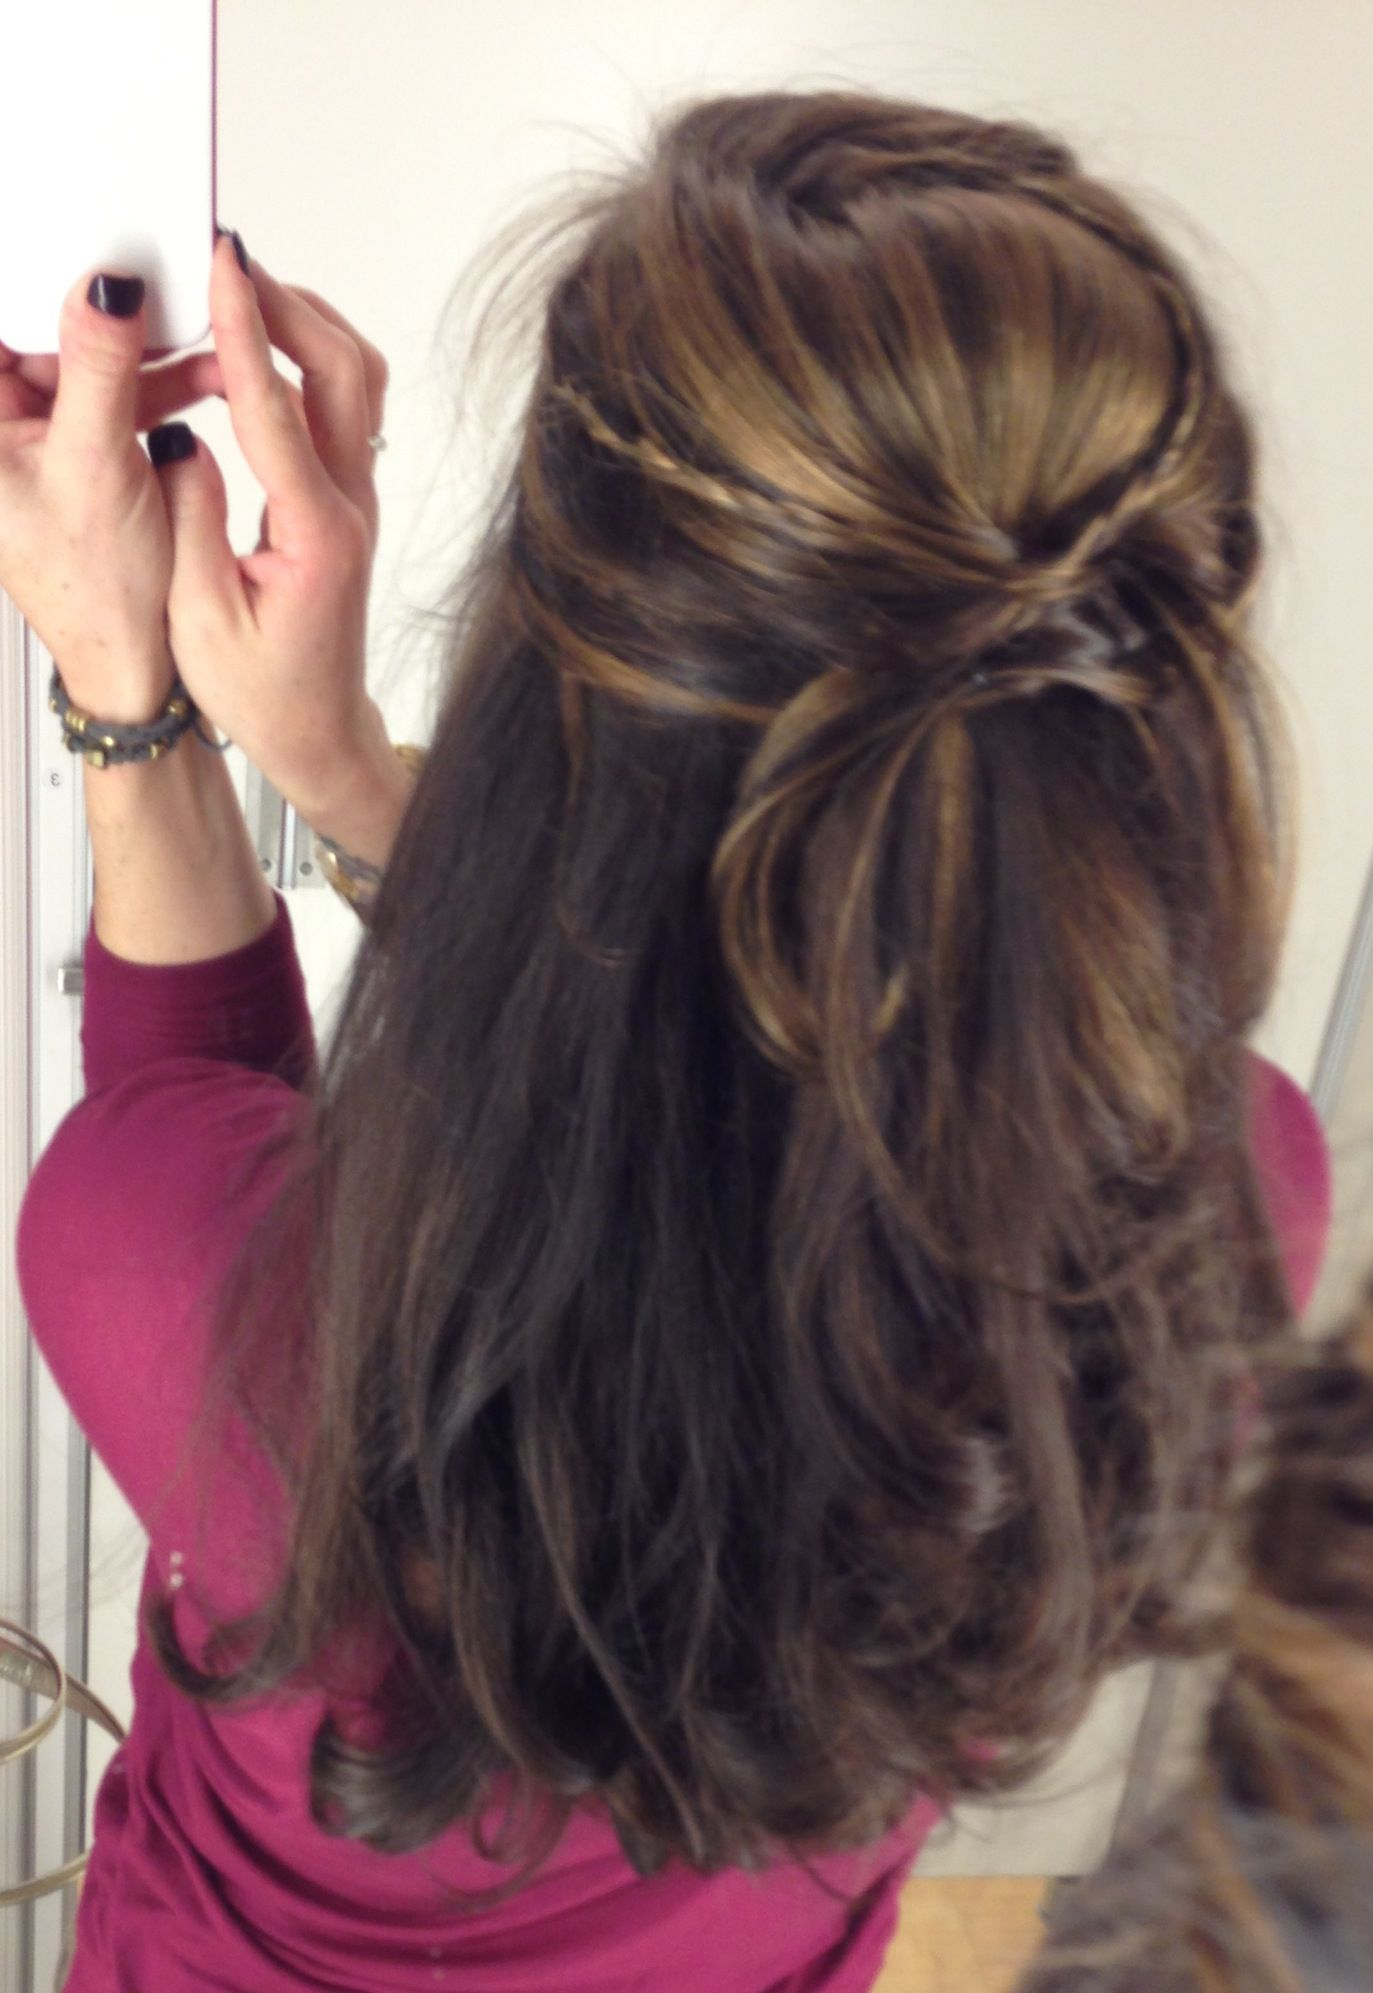 Cute hair do by Mandy @ Halos salon